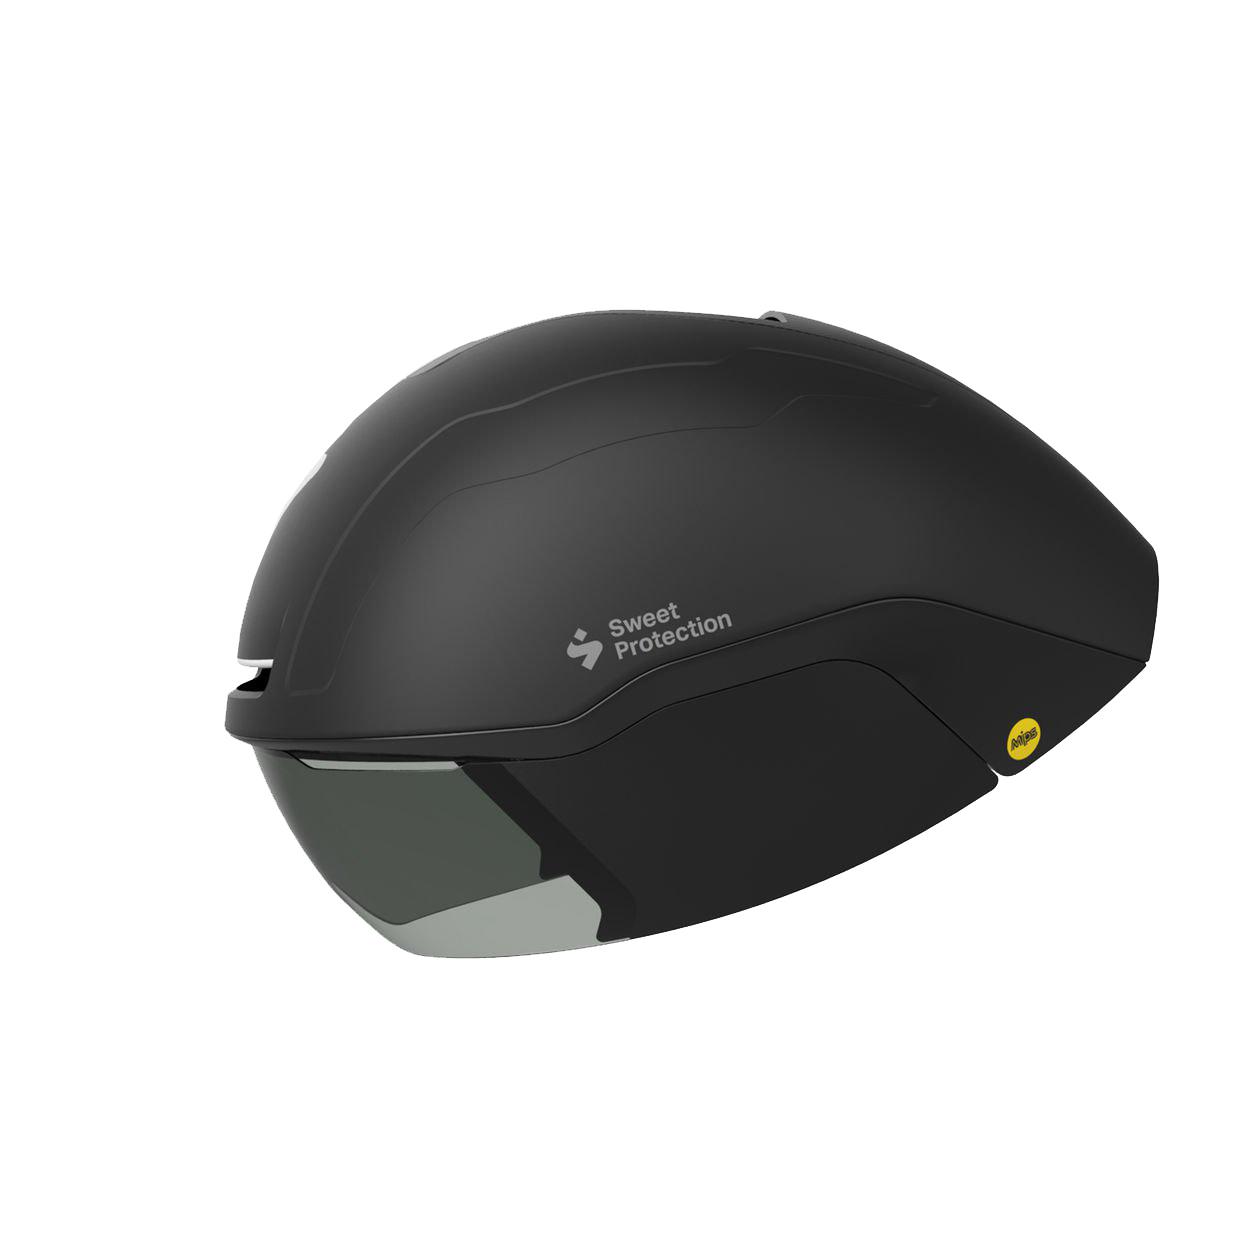 Sweet Protection Tucker MIPS - Enkeltstartshjelm - Matsort | Helmets